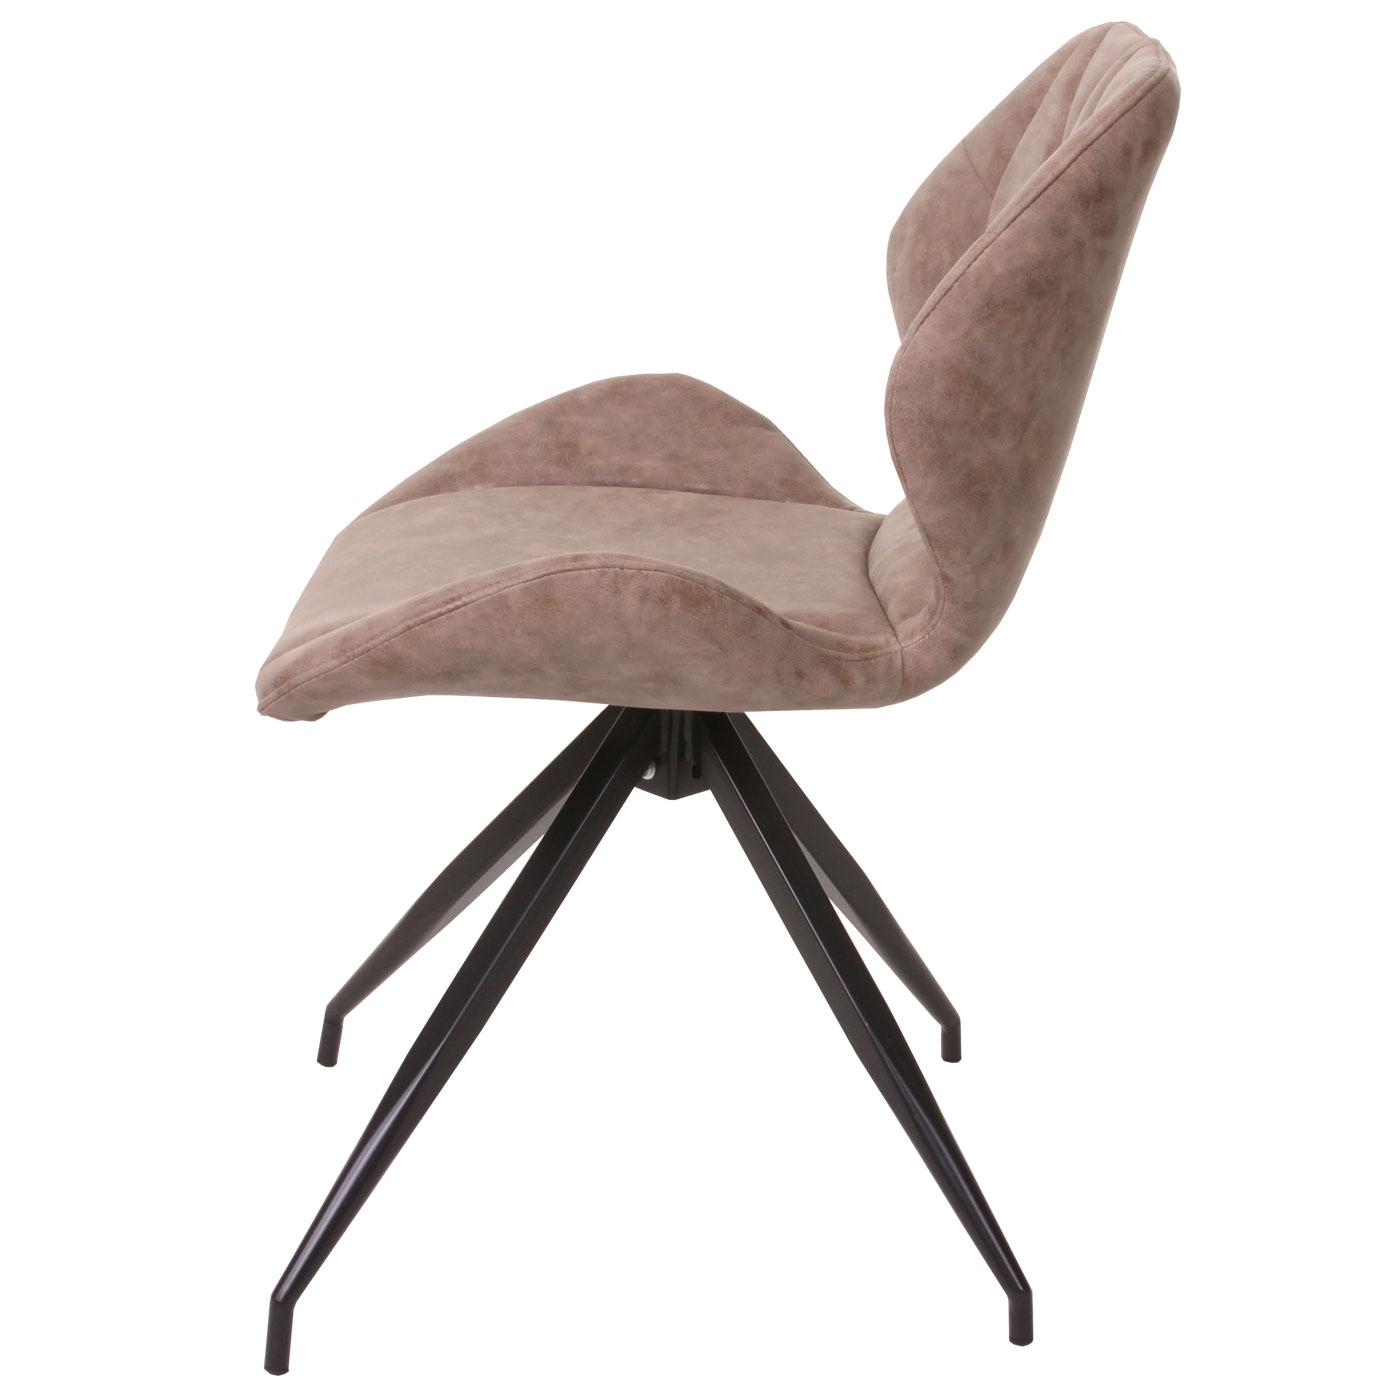 6x esszimmerstuhl hwc b46 lehnstuhl wildleder look. Black Bedroom Furniture Sets. Home Design Ideas